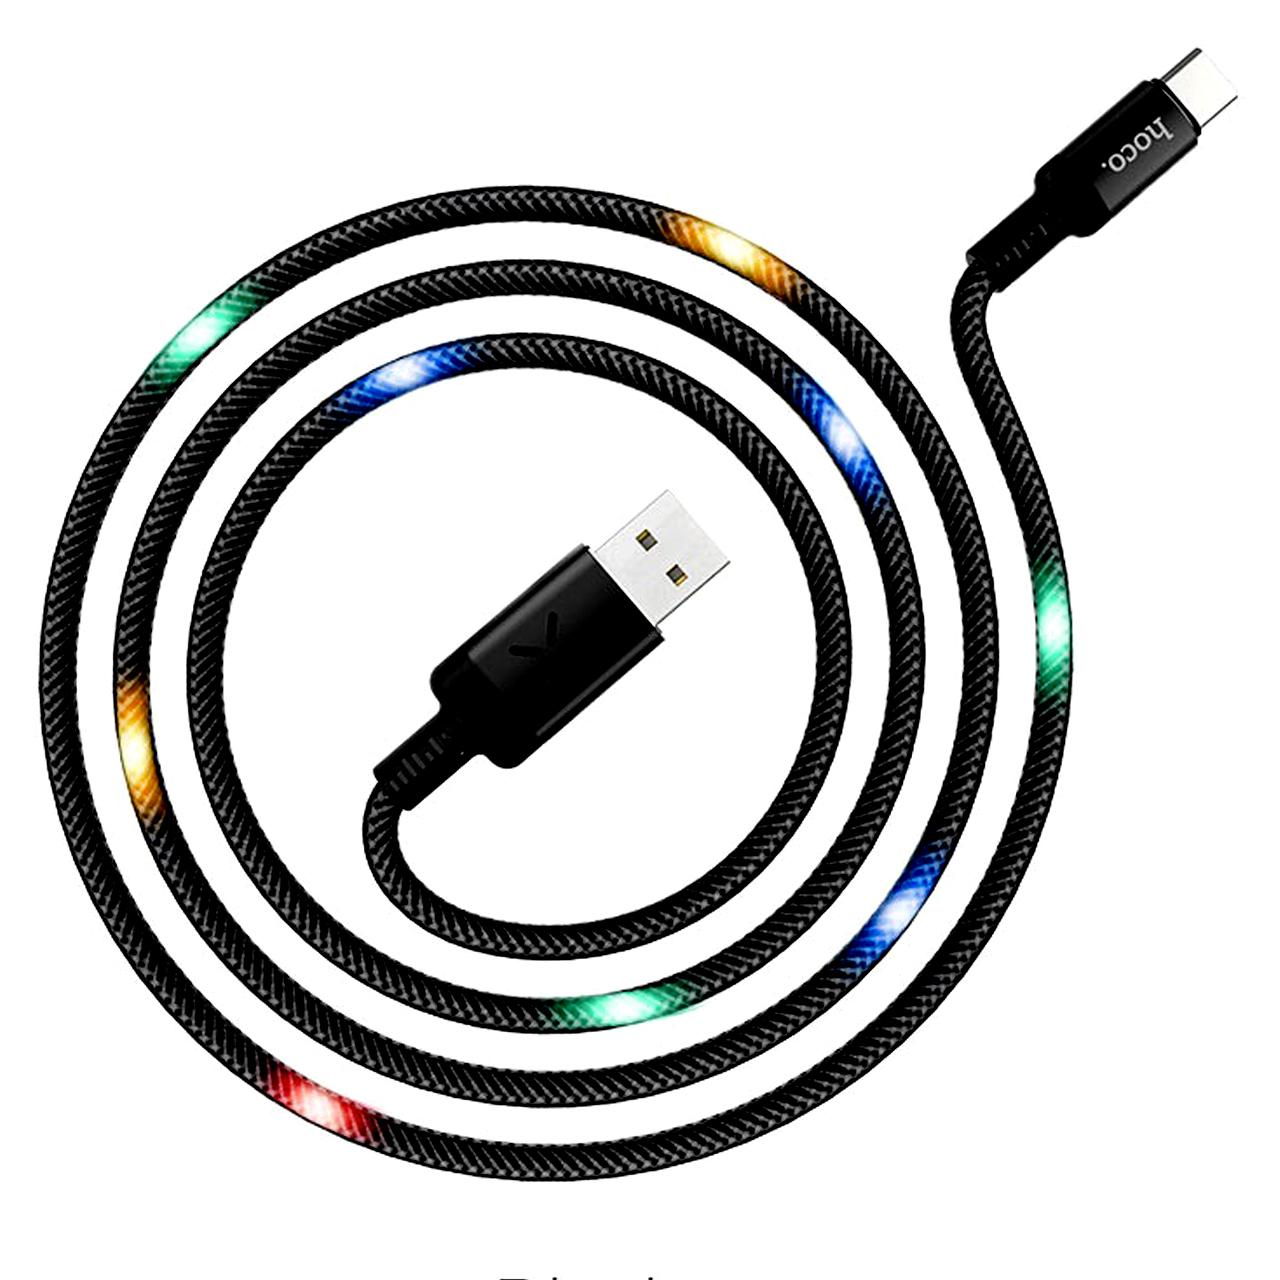 کابل تبدیل USB به USB-C هوکو مدل U63 طول 1.2 متر